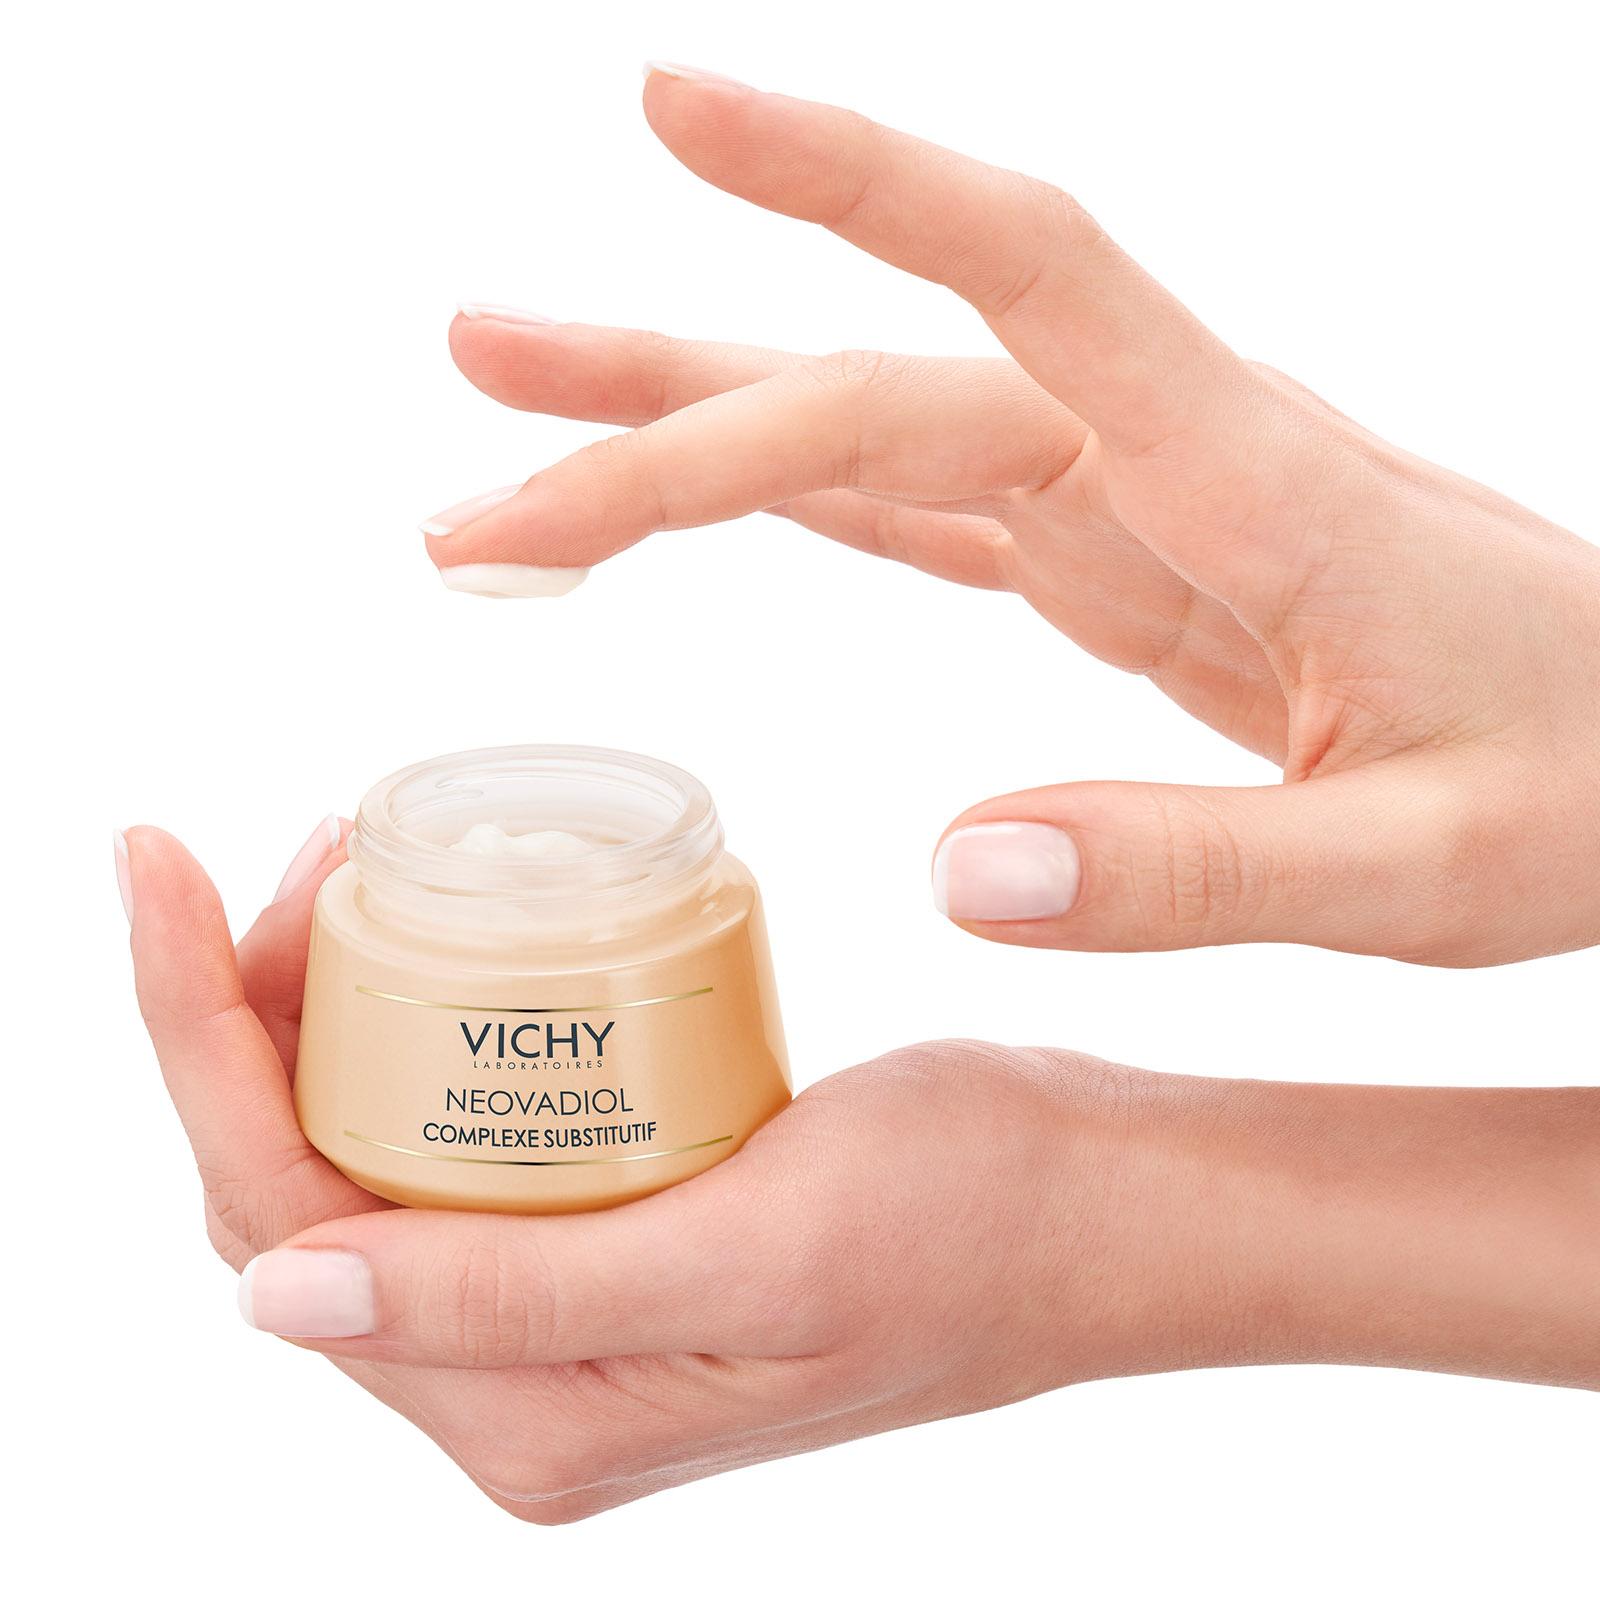 COMPLEJO SUSTITUTIVO Cuidado reactivadorde la juventudpara pieles maduras Piel seca